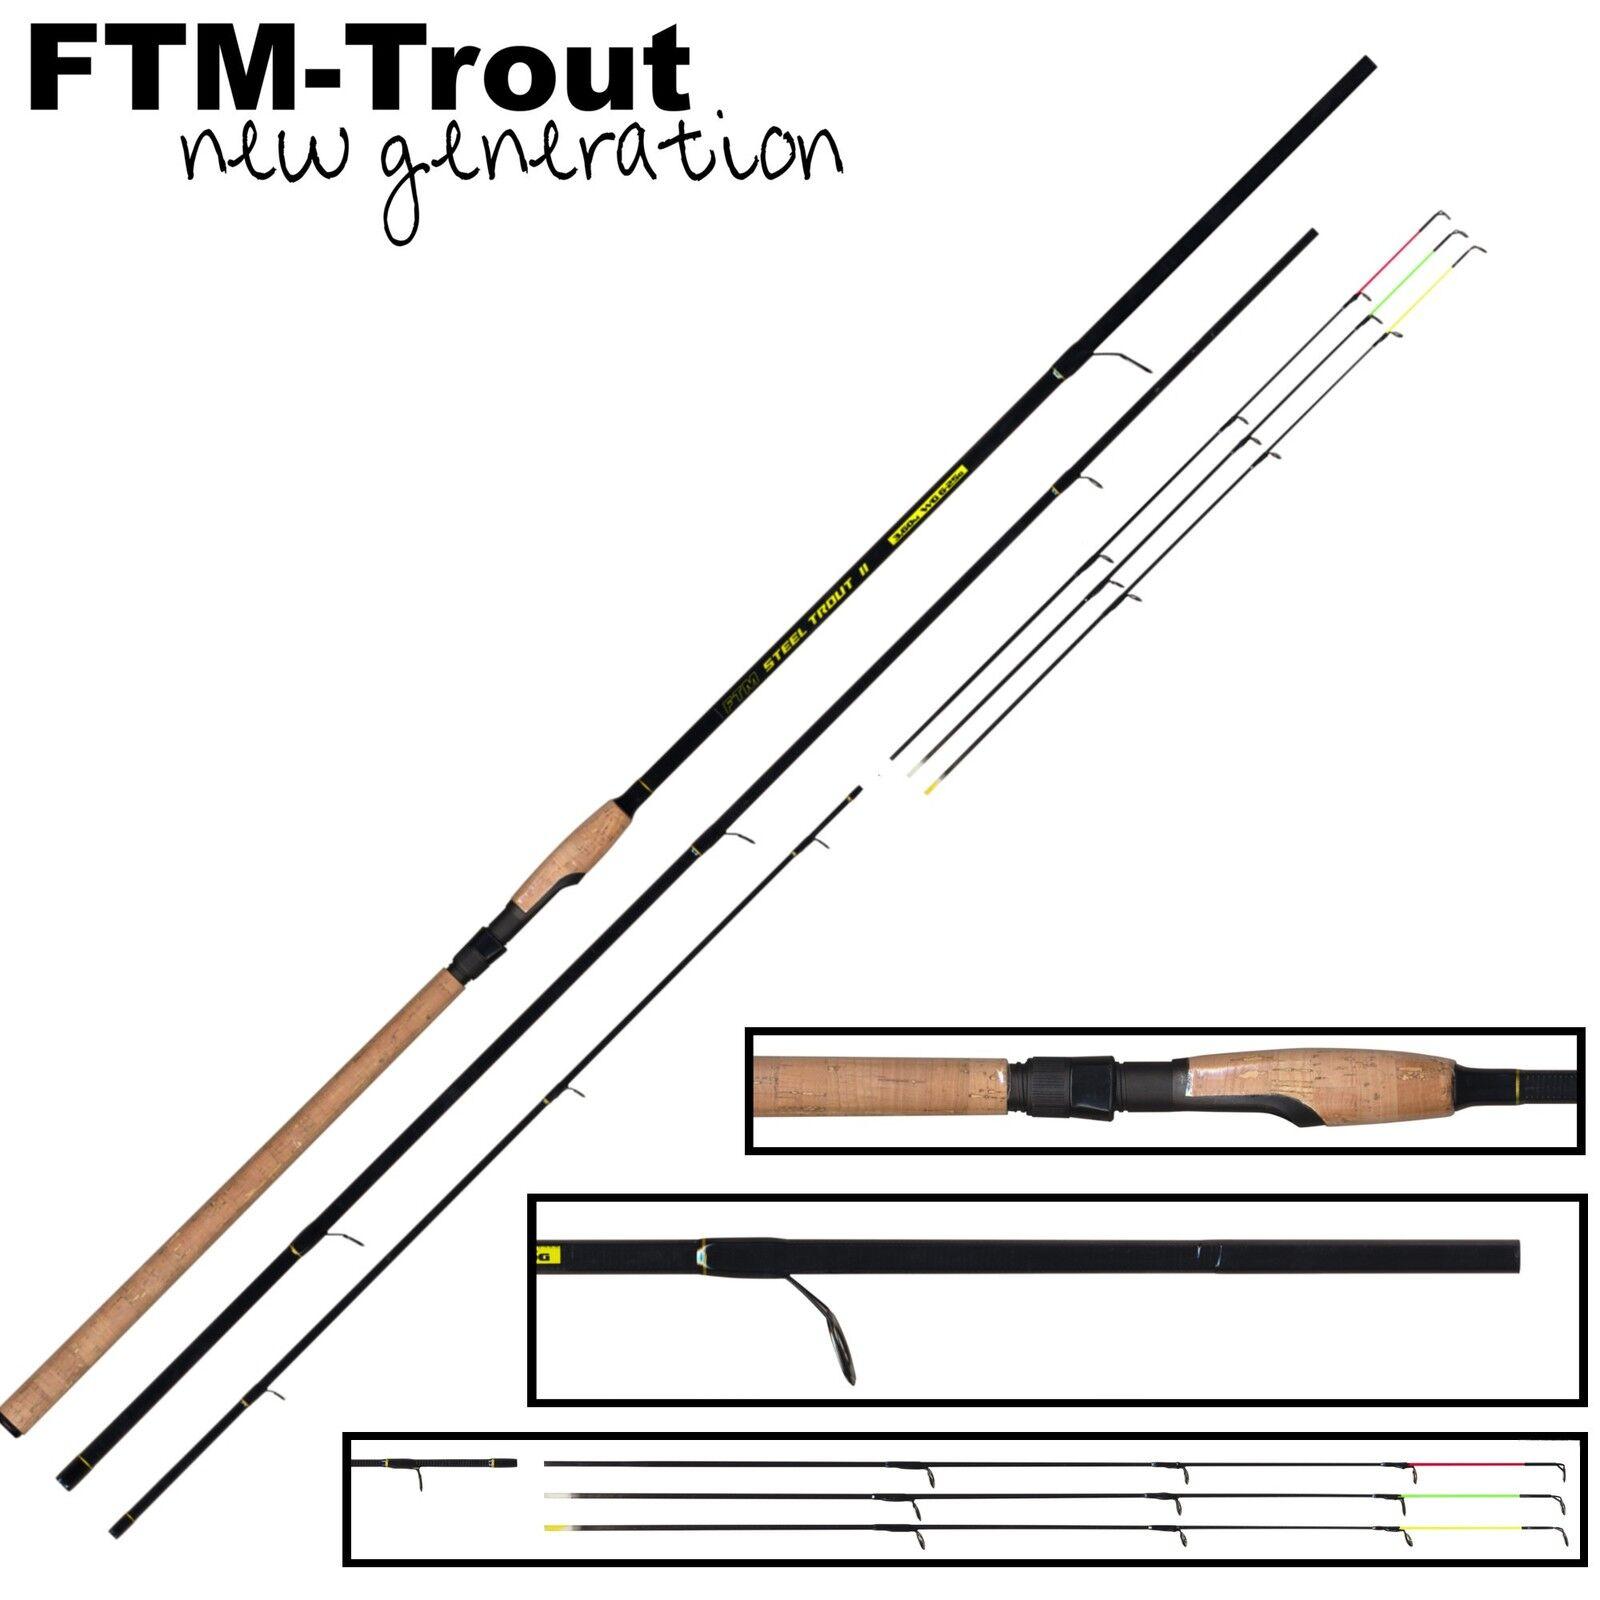 FTM Forellenrute, Steel Trout 2 3,60m 6-25g - Forellenrute, FTM Sbirolinorute, Forellenangel b0279f